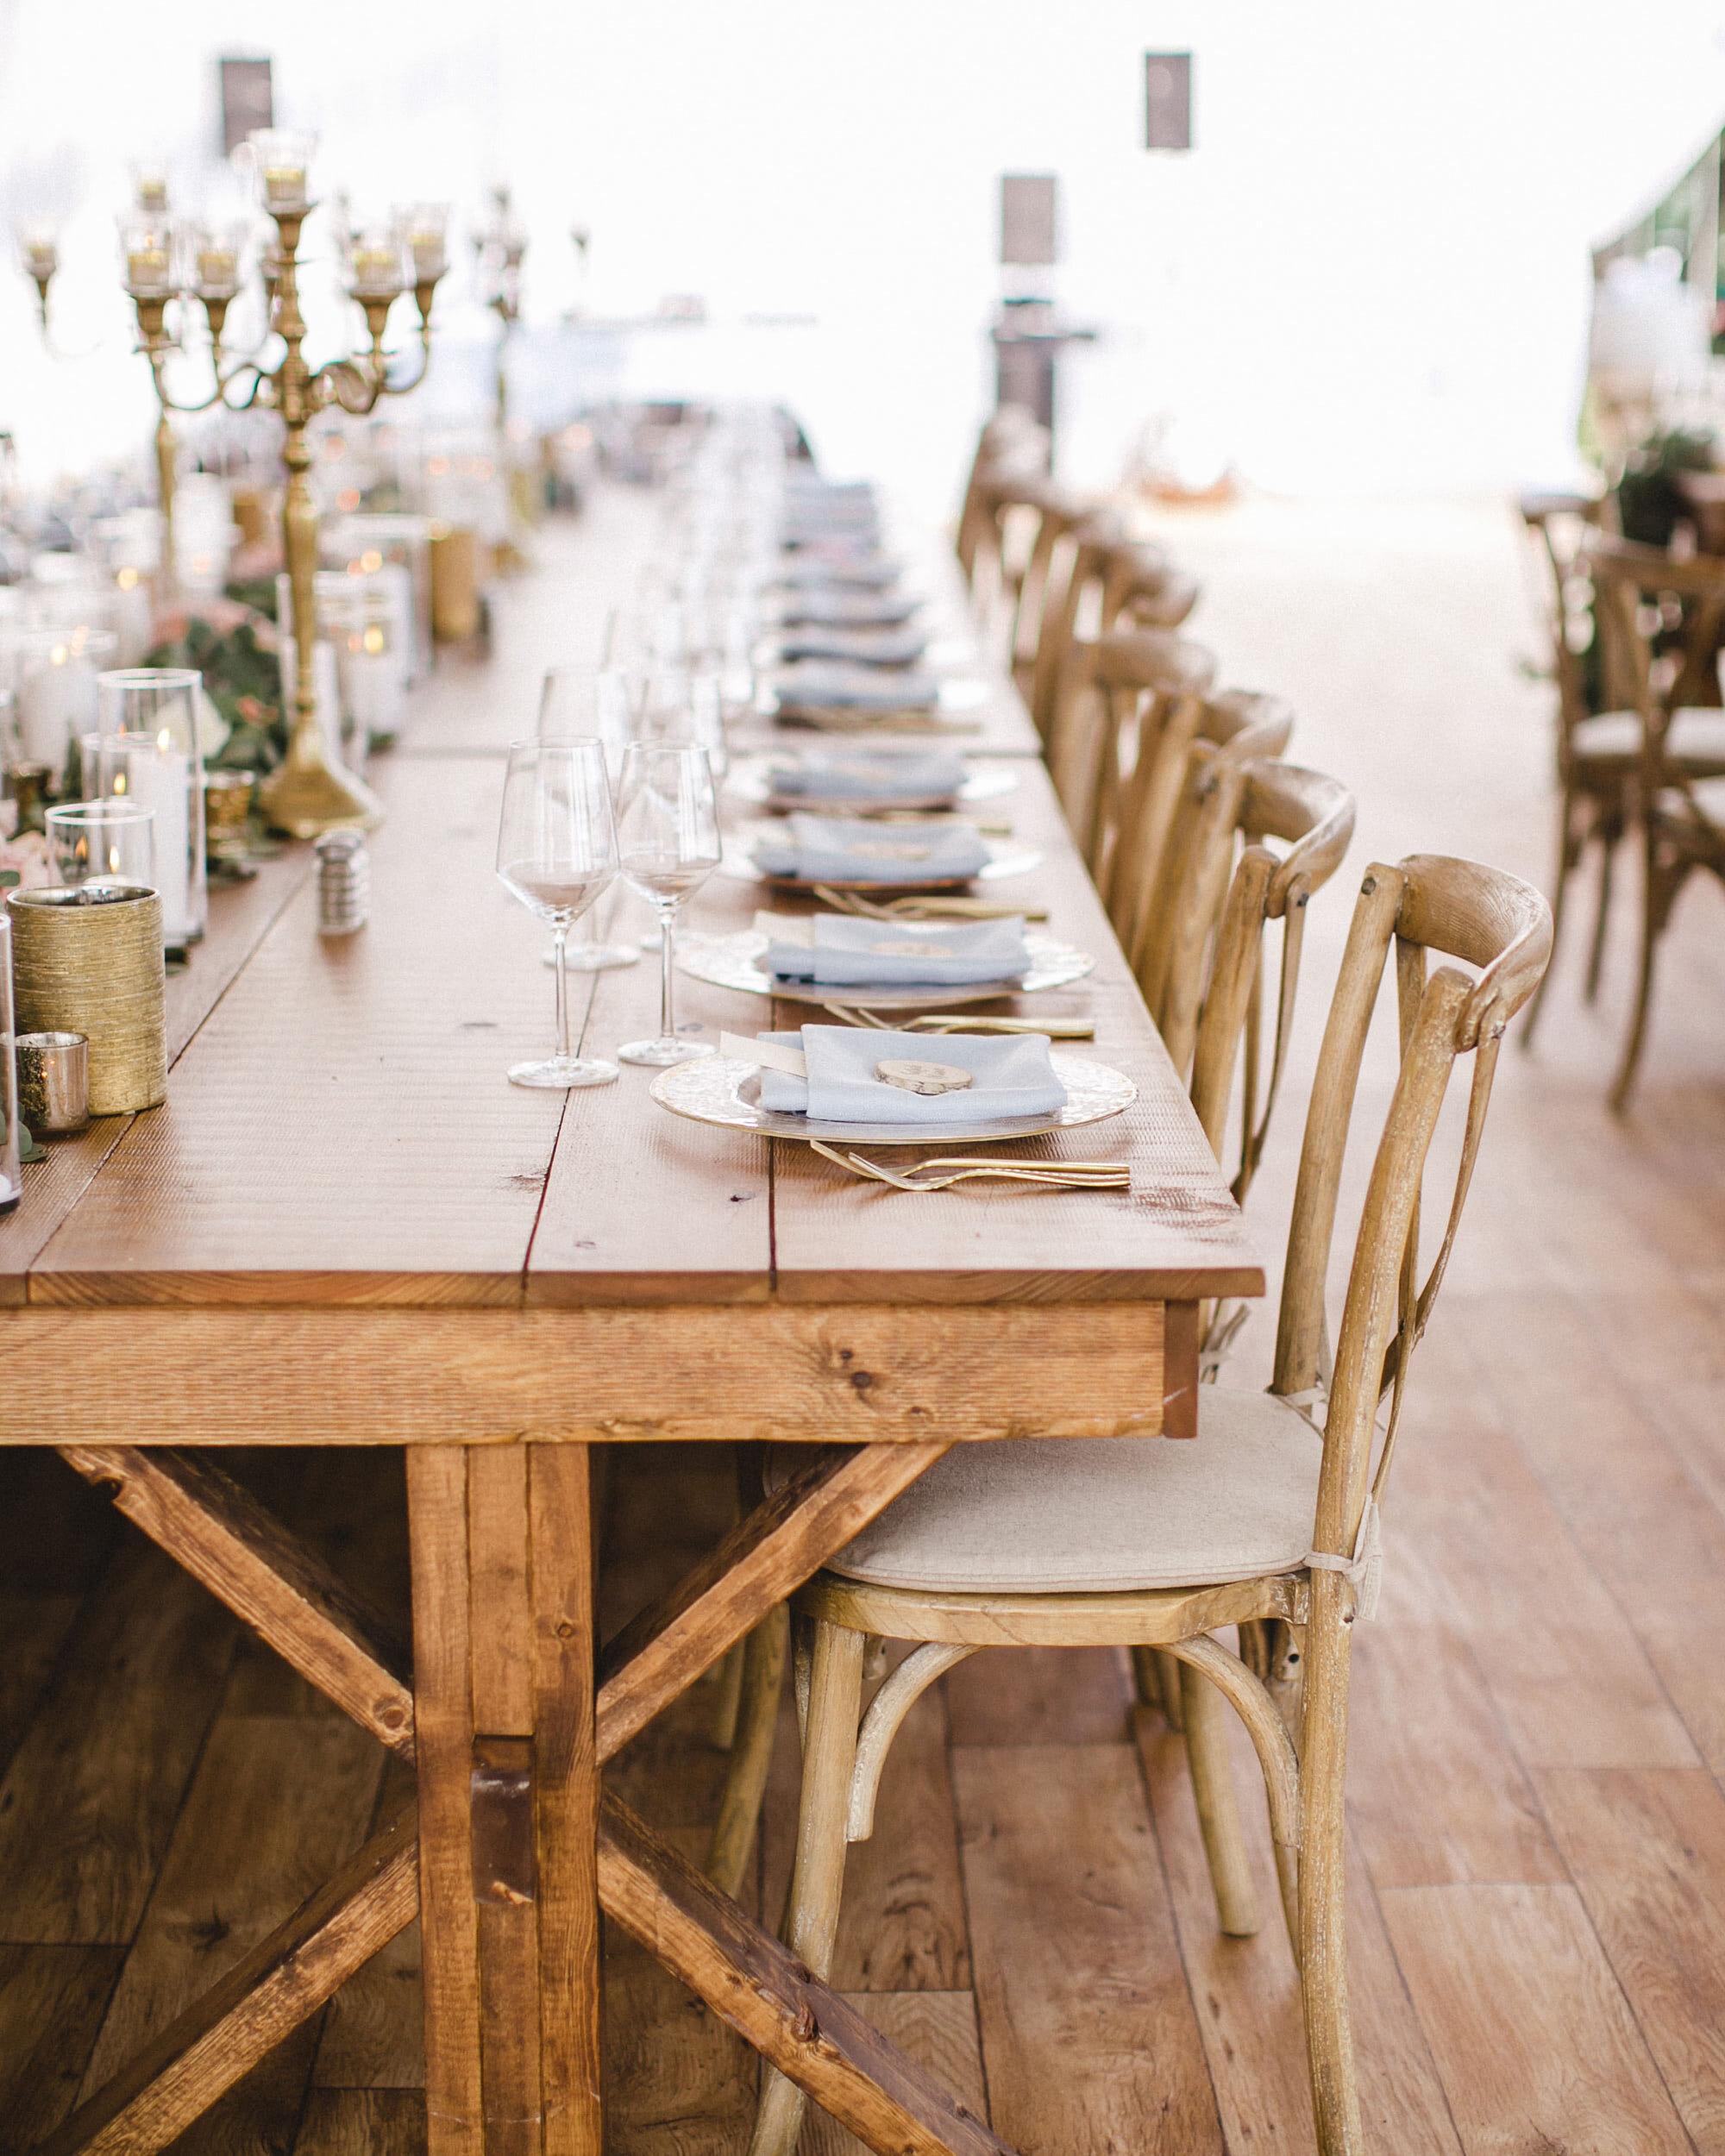 Butternut-Custom-Farm-Table-and-Chair-Rental-Farmhouse-Foundry-1.jpg